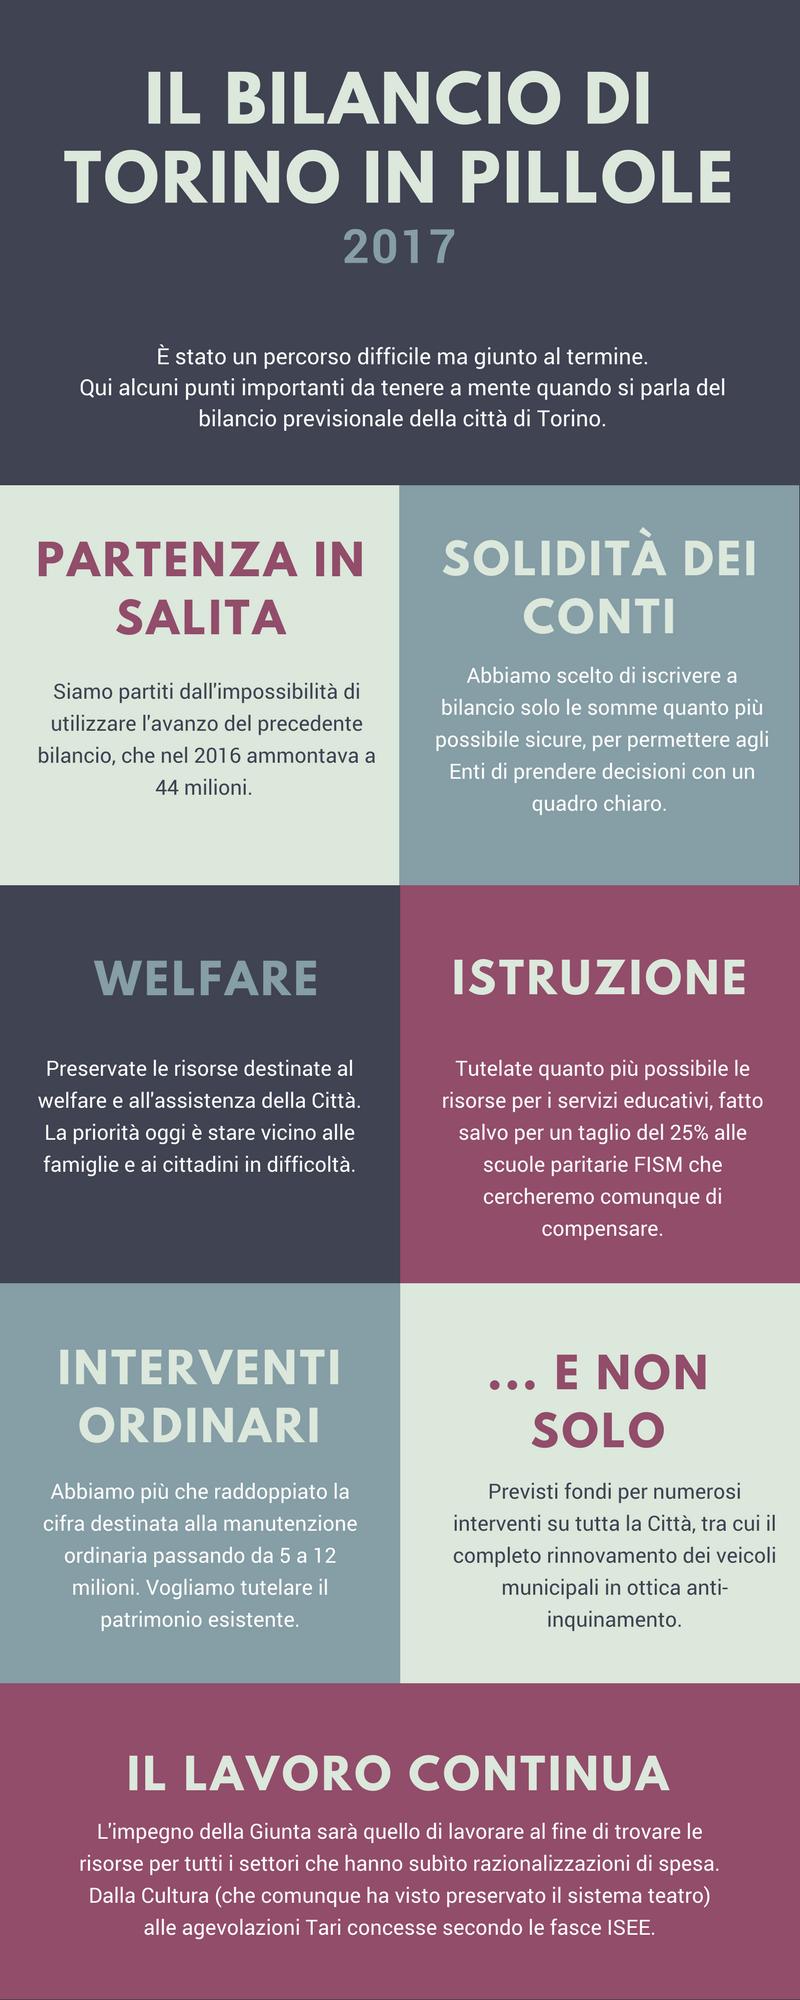 bilancio-torino-pillole-infografica